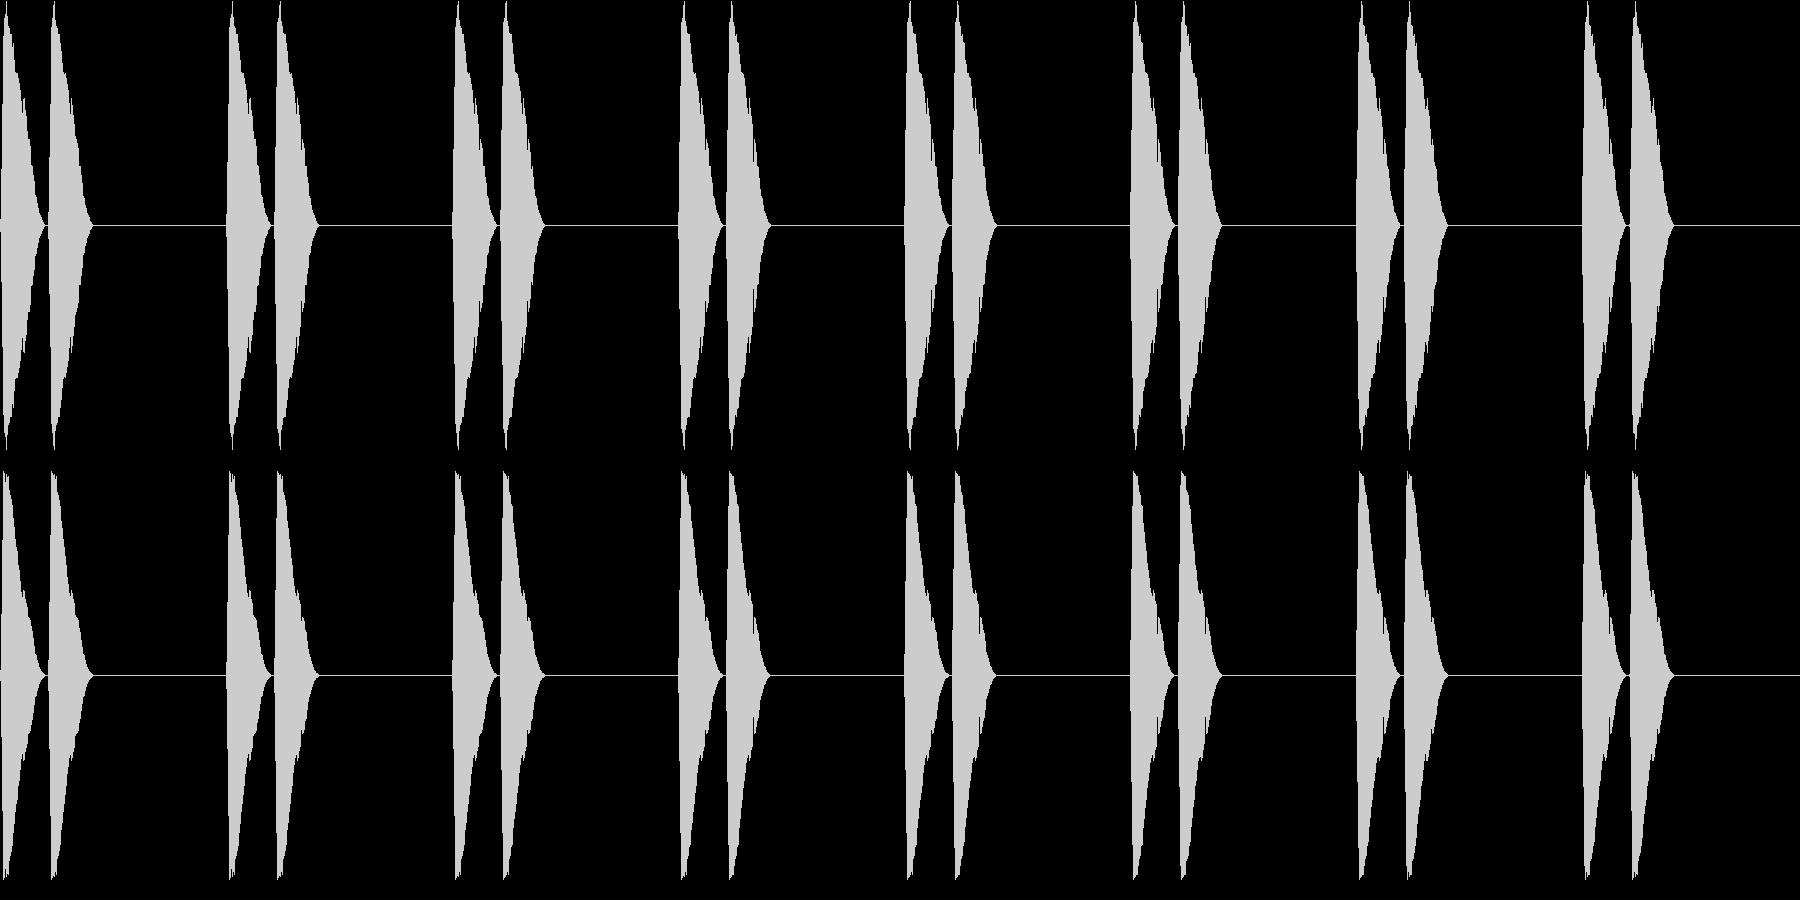 【アラーム】電子音 - ピピッ ピピッの未再生の波形